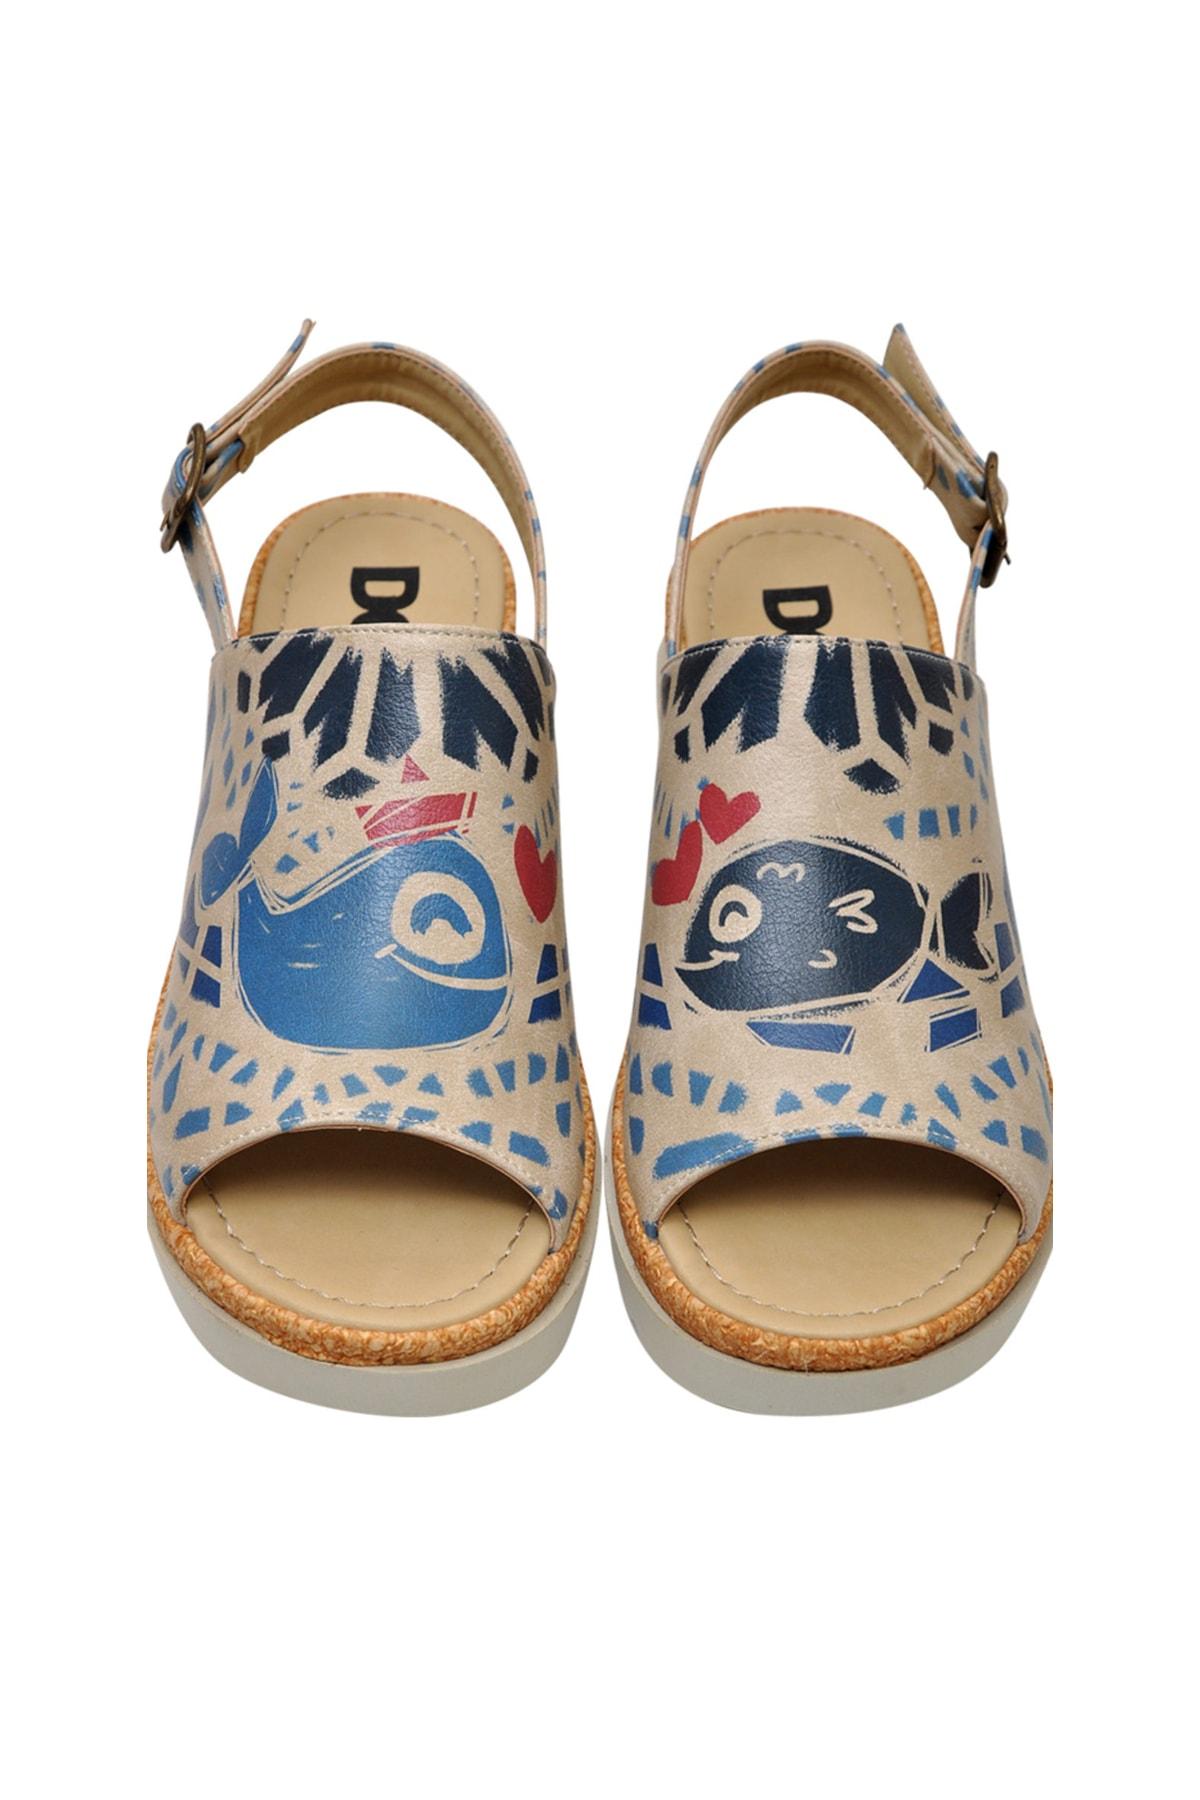 Dogo Fish Love Kadın Kalın Tabanlı Düz Sandalet dgs019-gg010 1